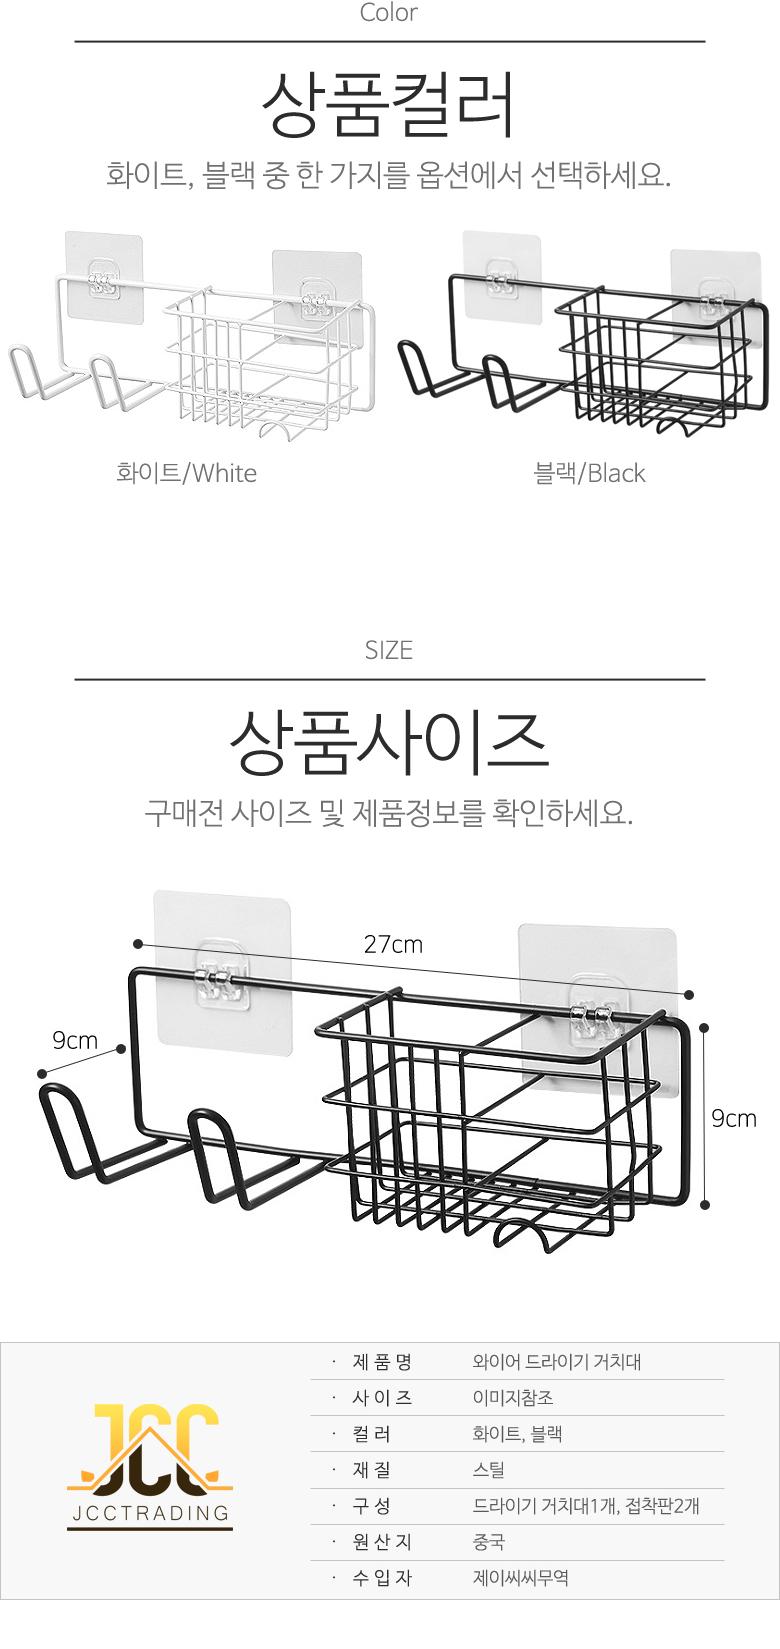 욕실 와이어 드라이기 걸이 거치대 홀더 - 제이라이프, 12,900원, 정리용품/청소, 욕실선반/걸이